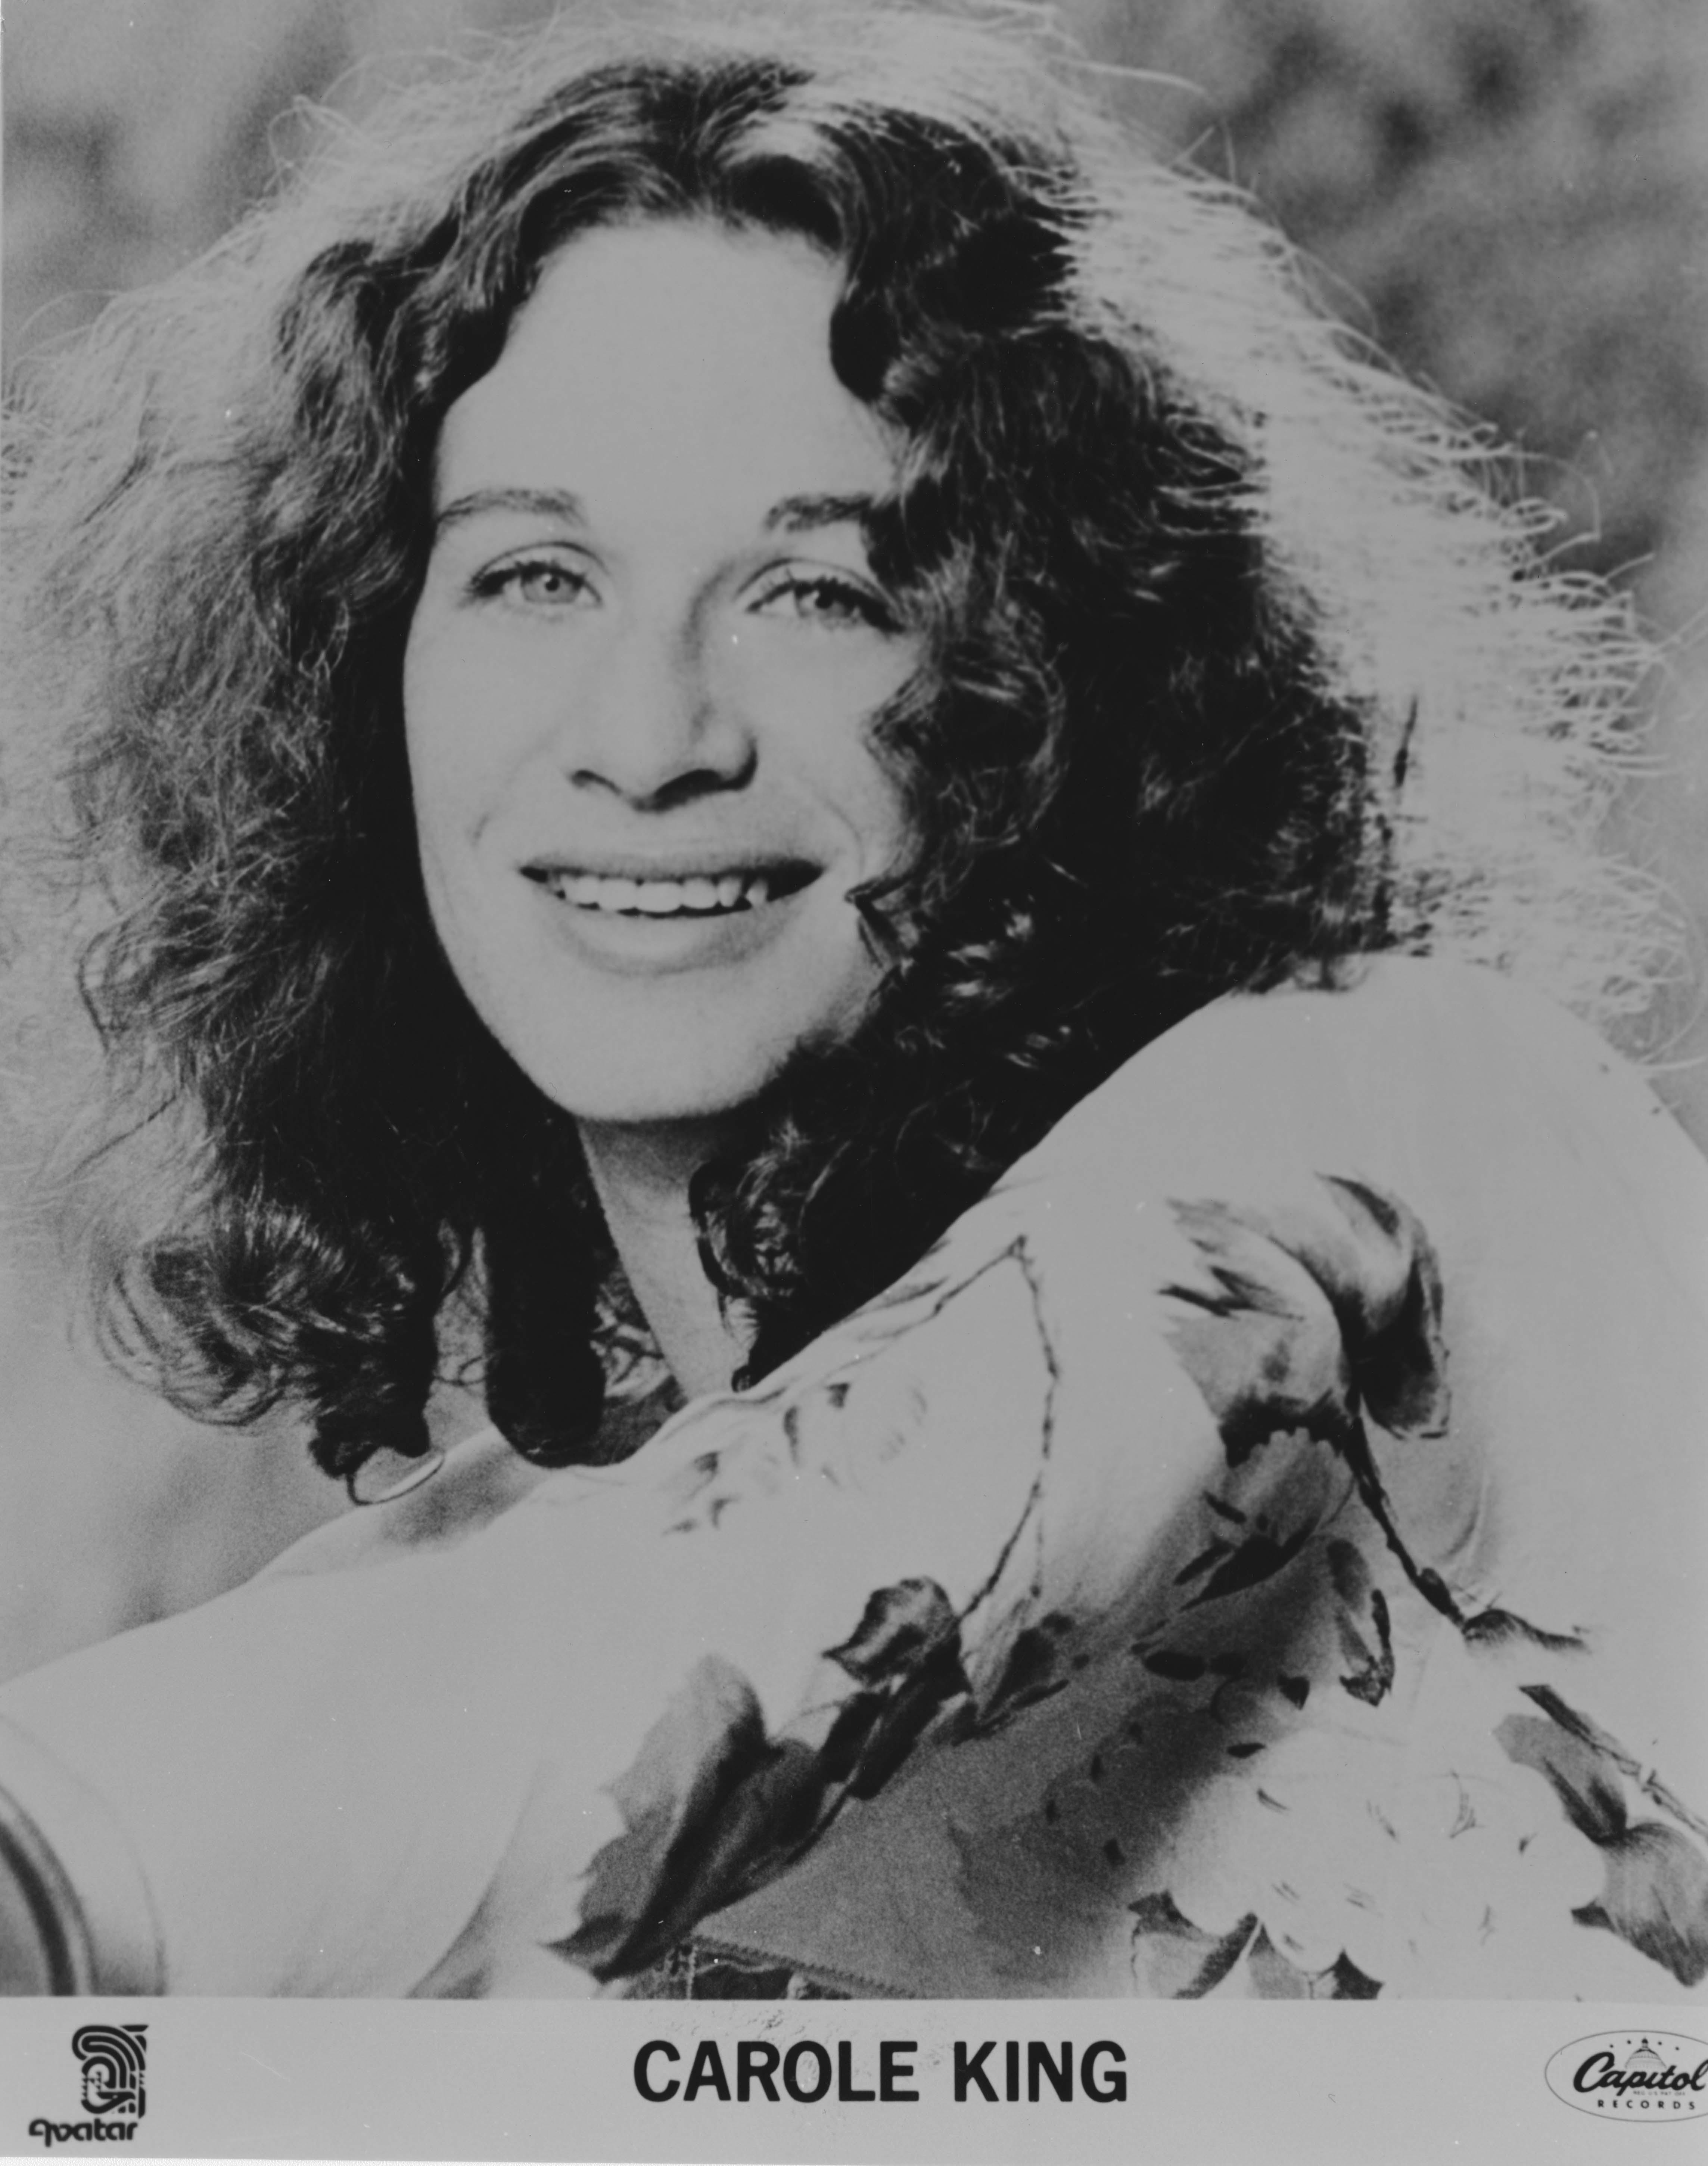 Carole King promo photo